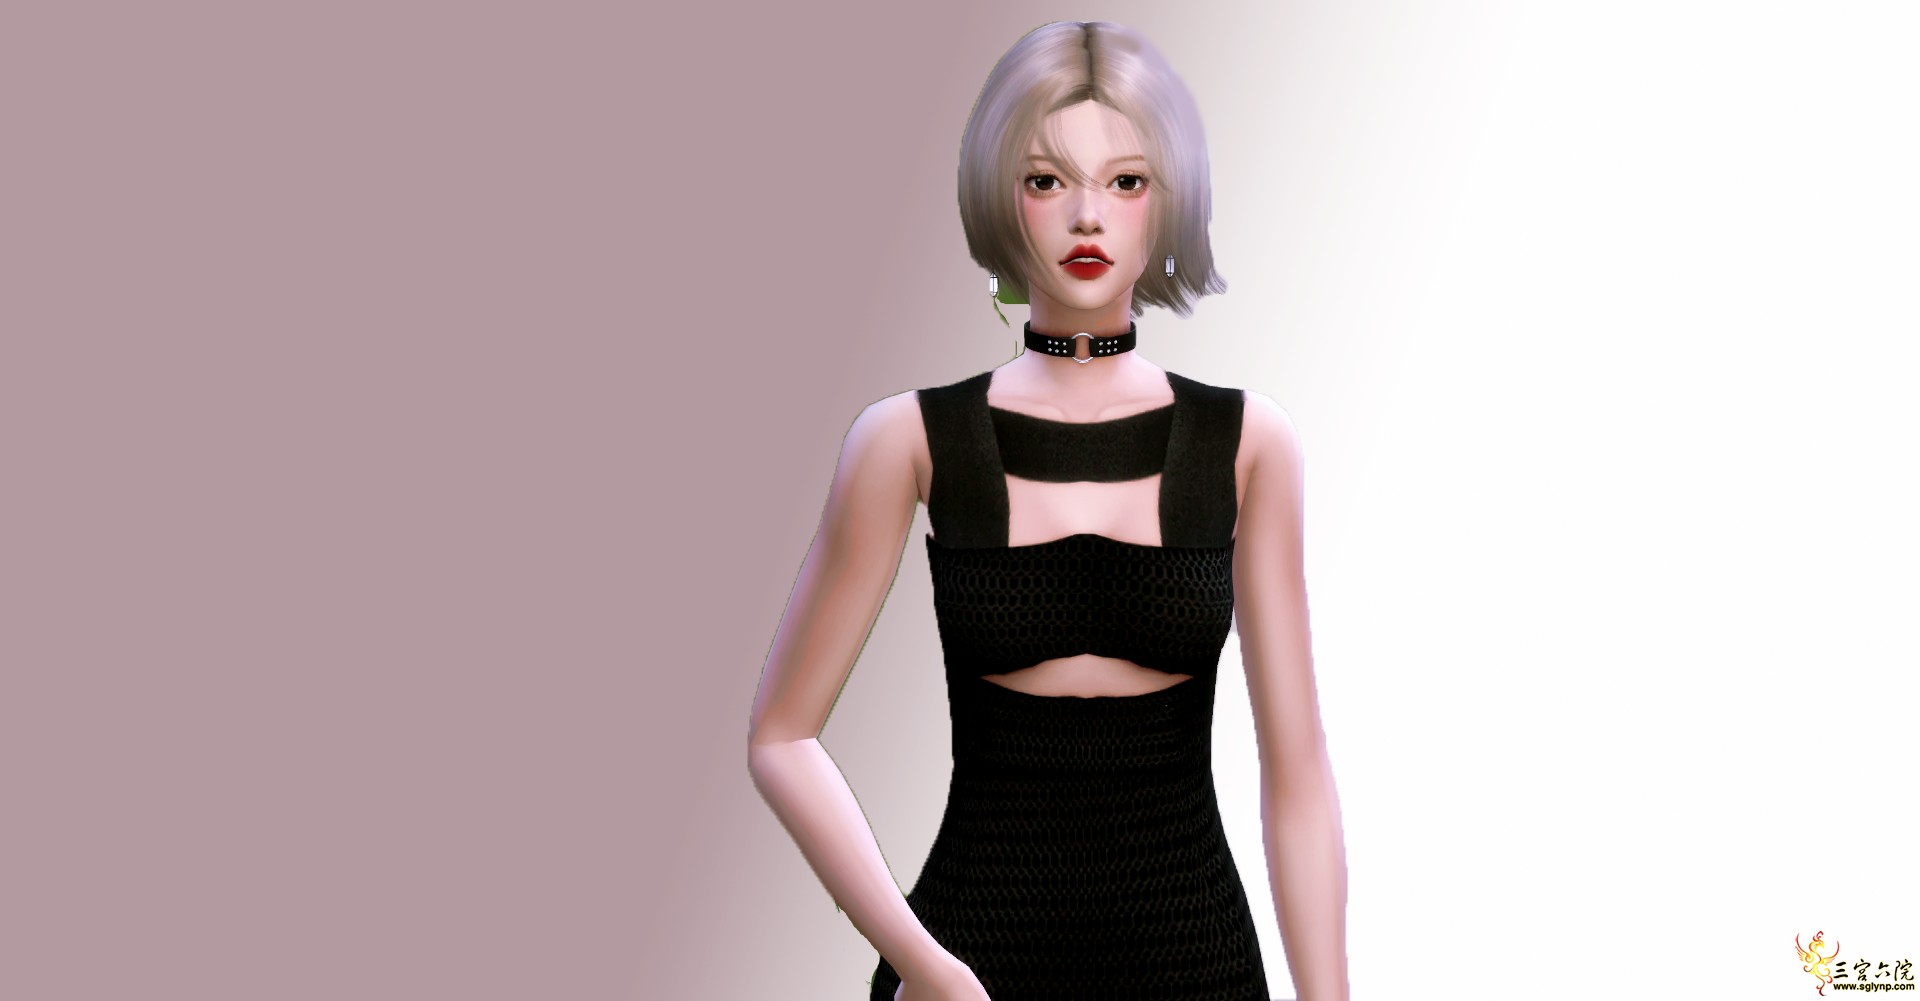 Sims 4 Screenshot 2020.10.13 - 20.03.51.02.png